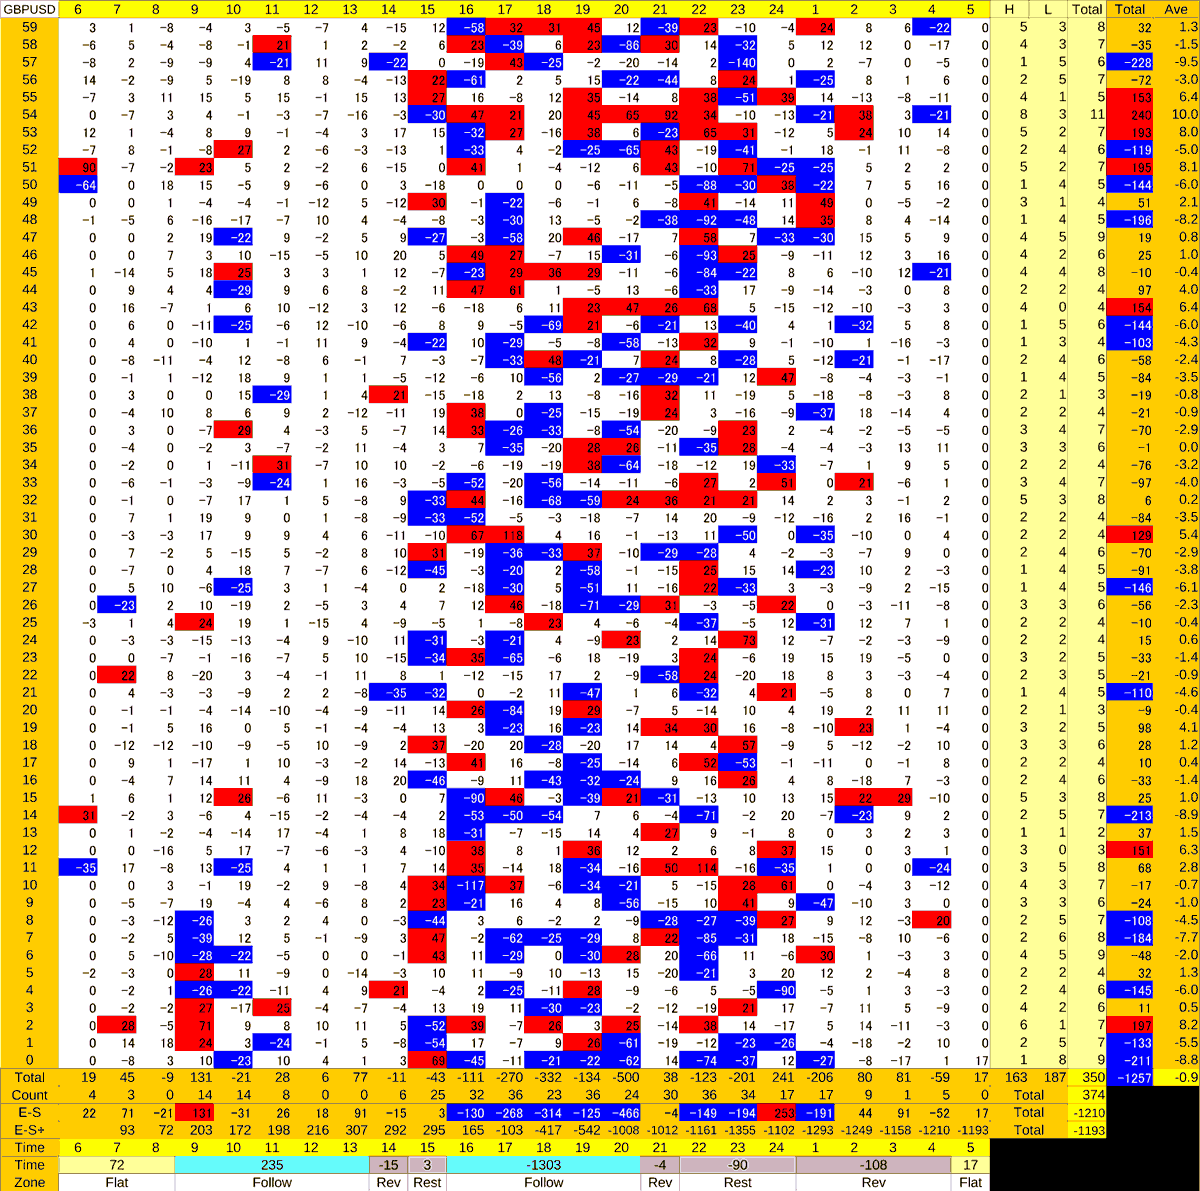 20200821_HS(2)GBPUSD